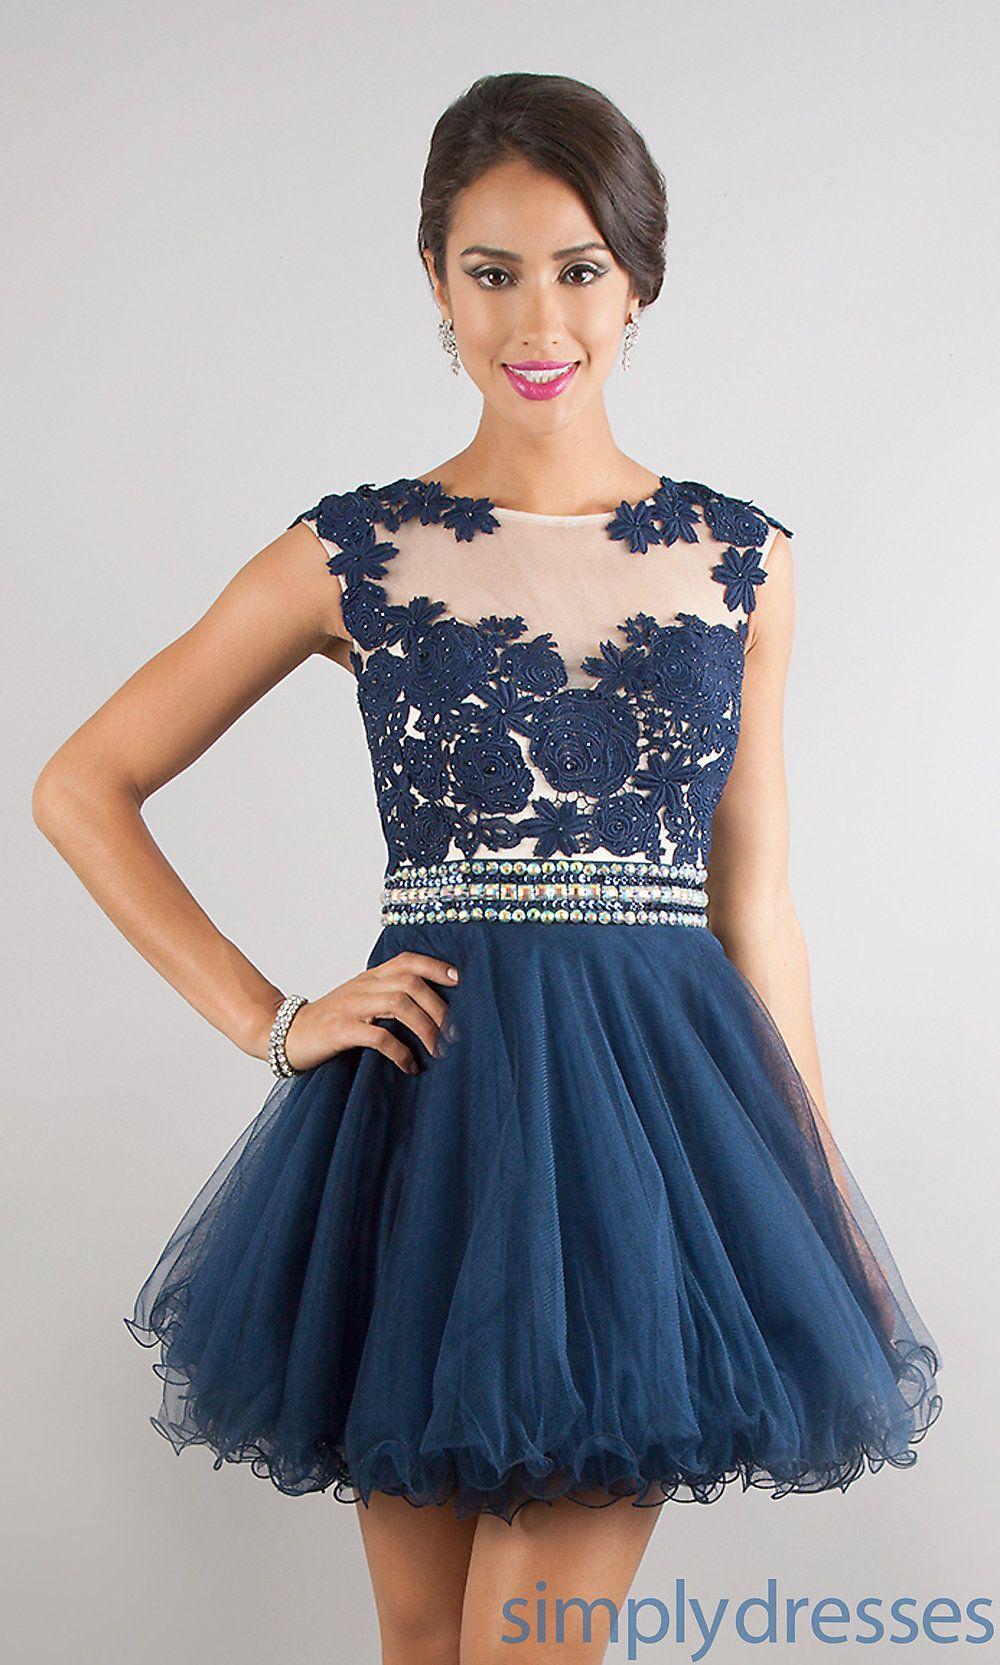 Short sleeveless prom dress on chiq iq